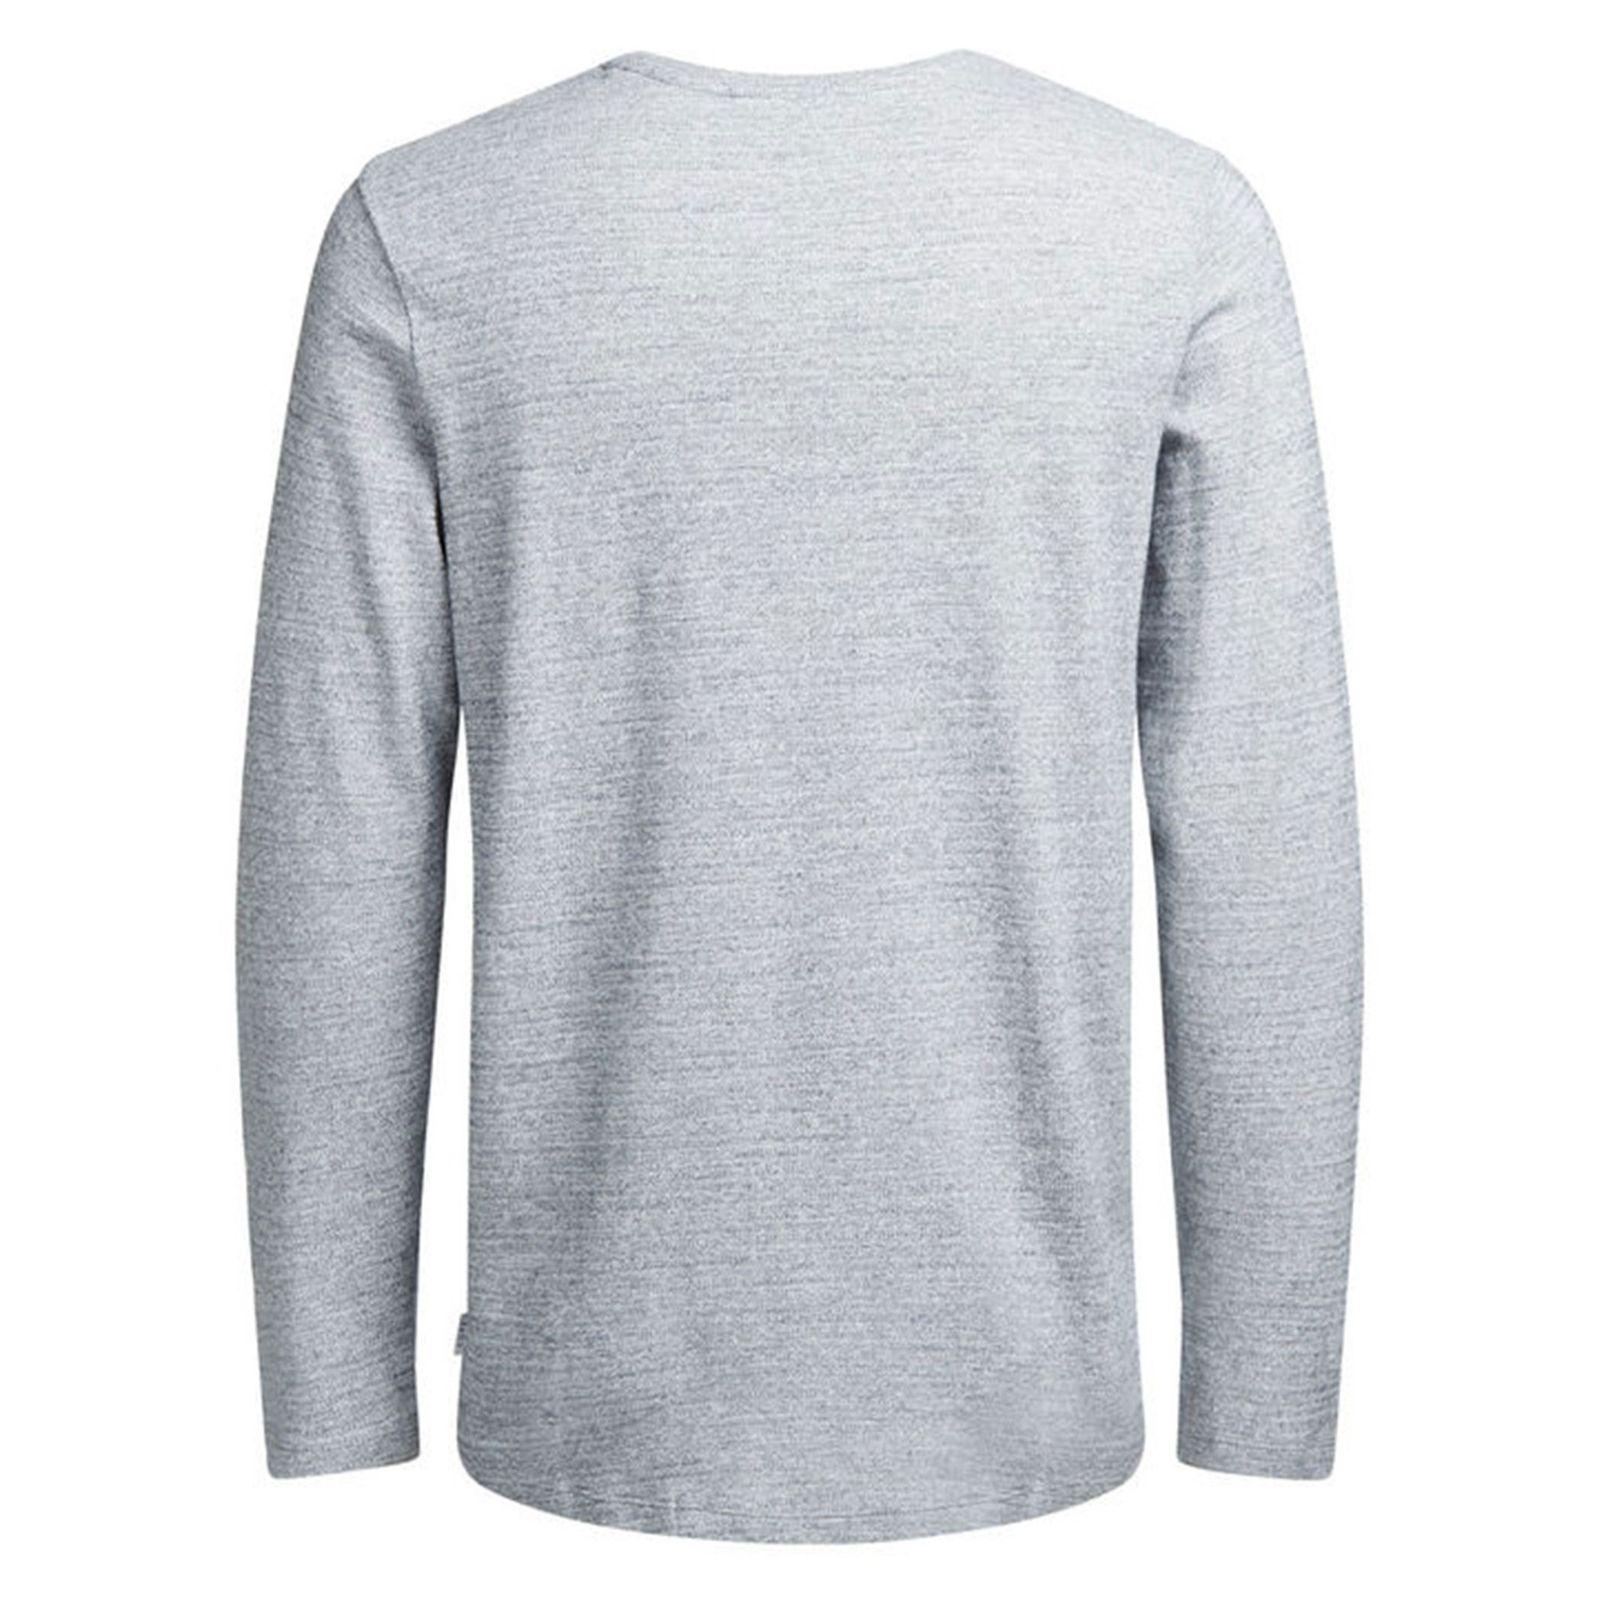 تی شرت نخی آستین بلند مردانه - جک اند جونز - طوسي - 2